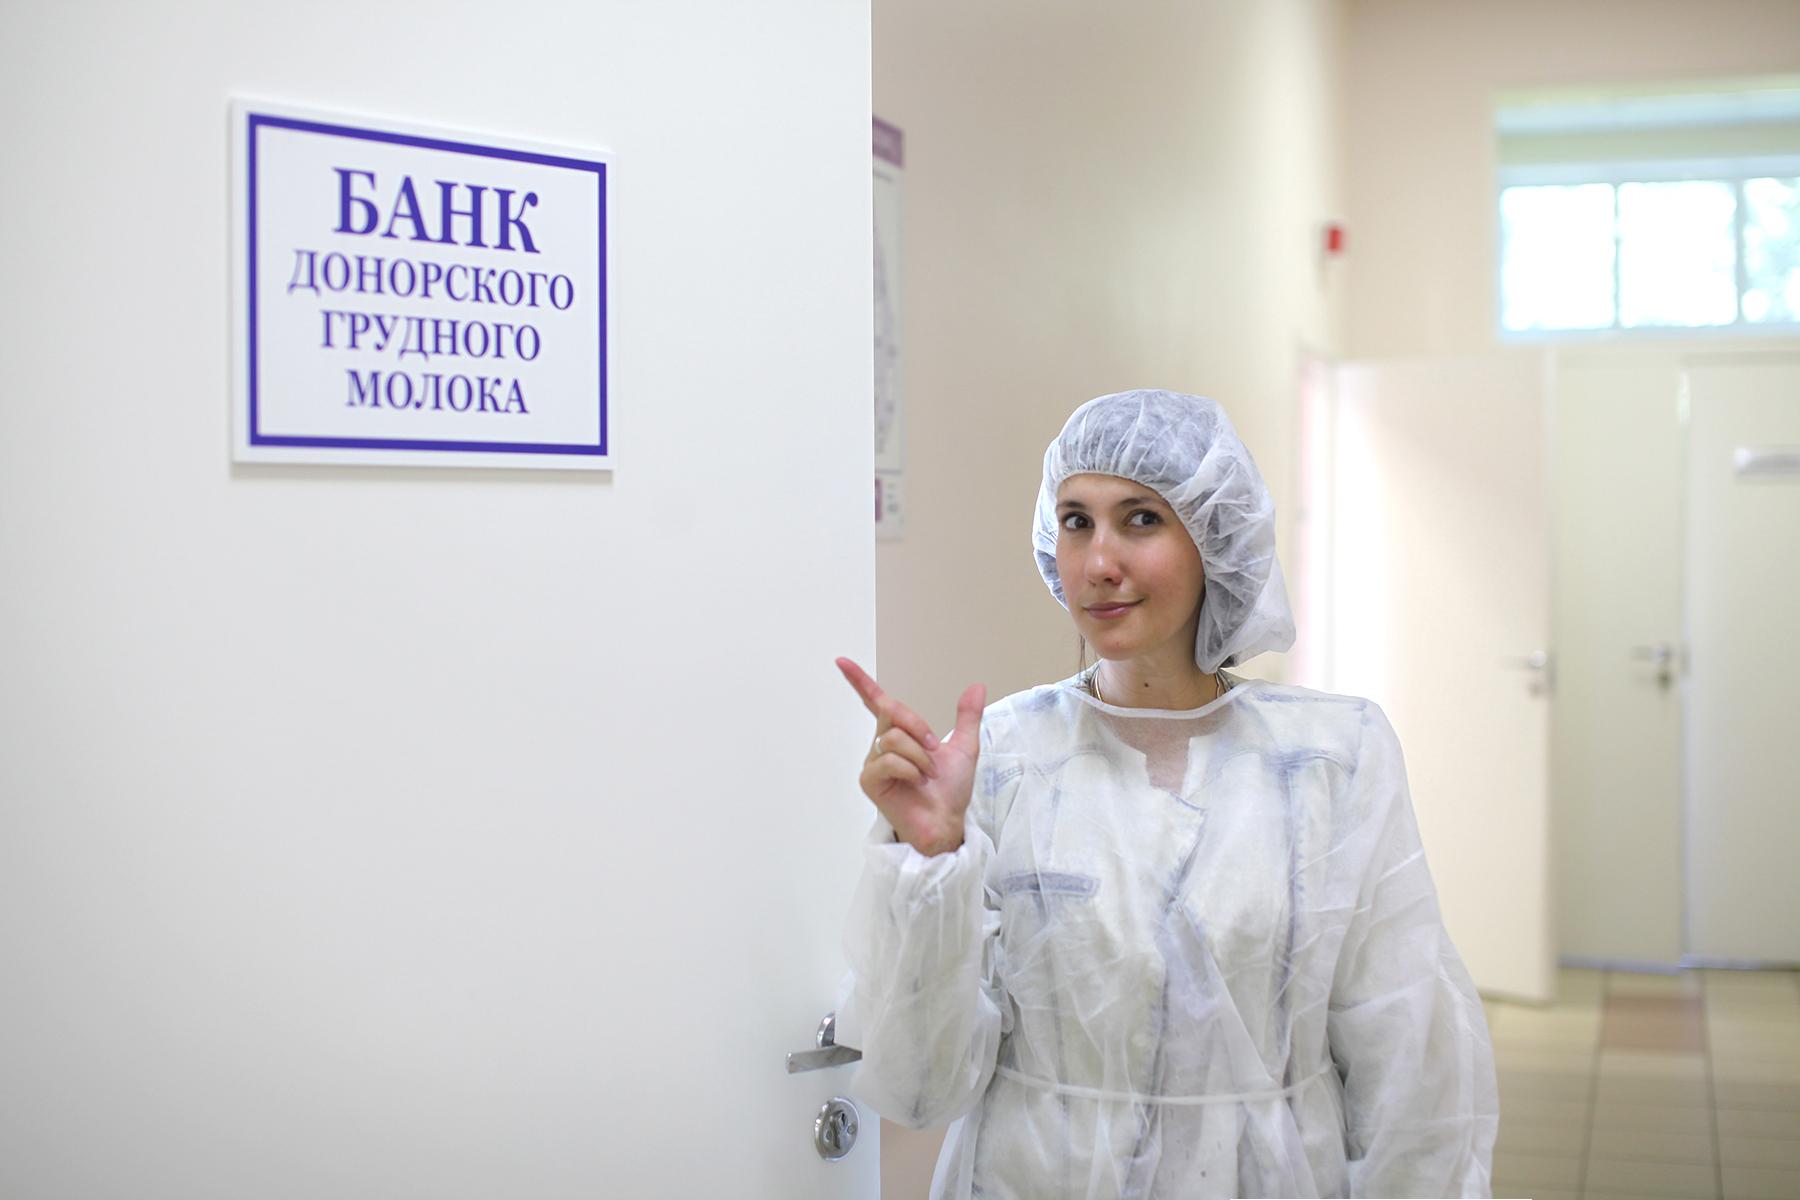 Как устроен банк донорского грудного молока в Москве